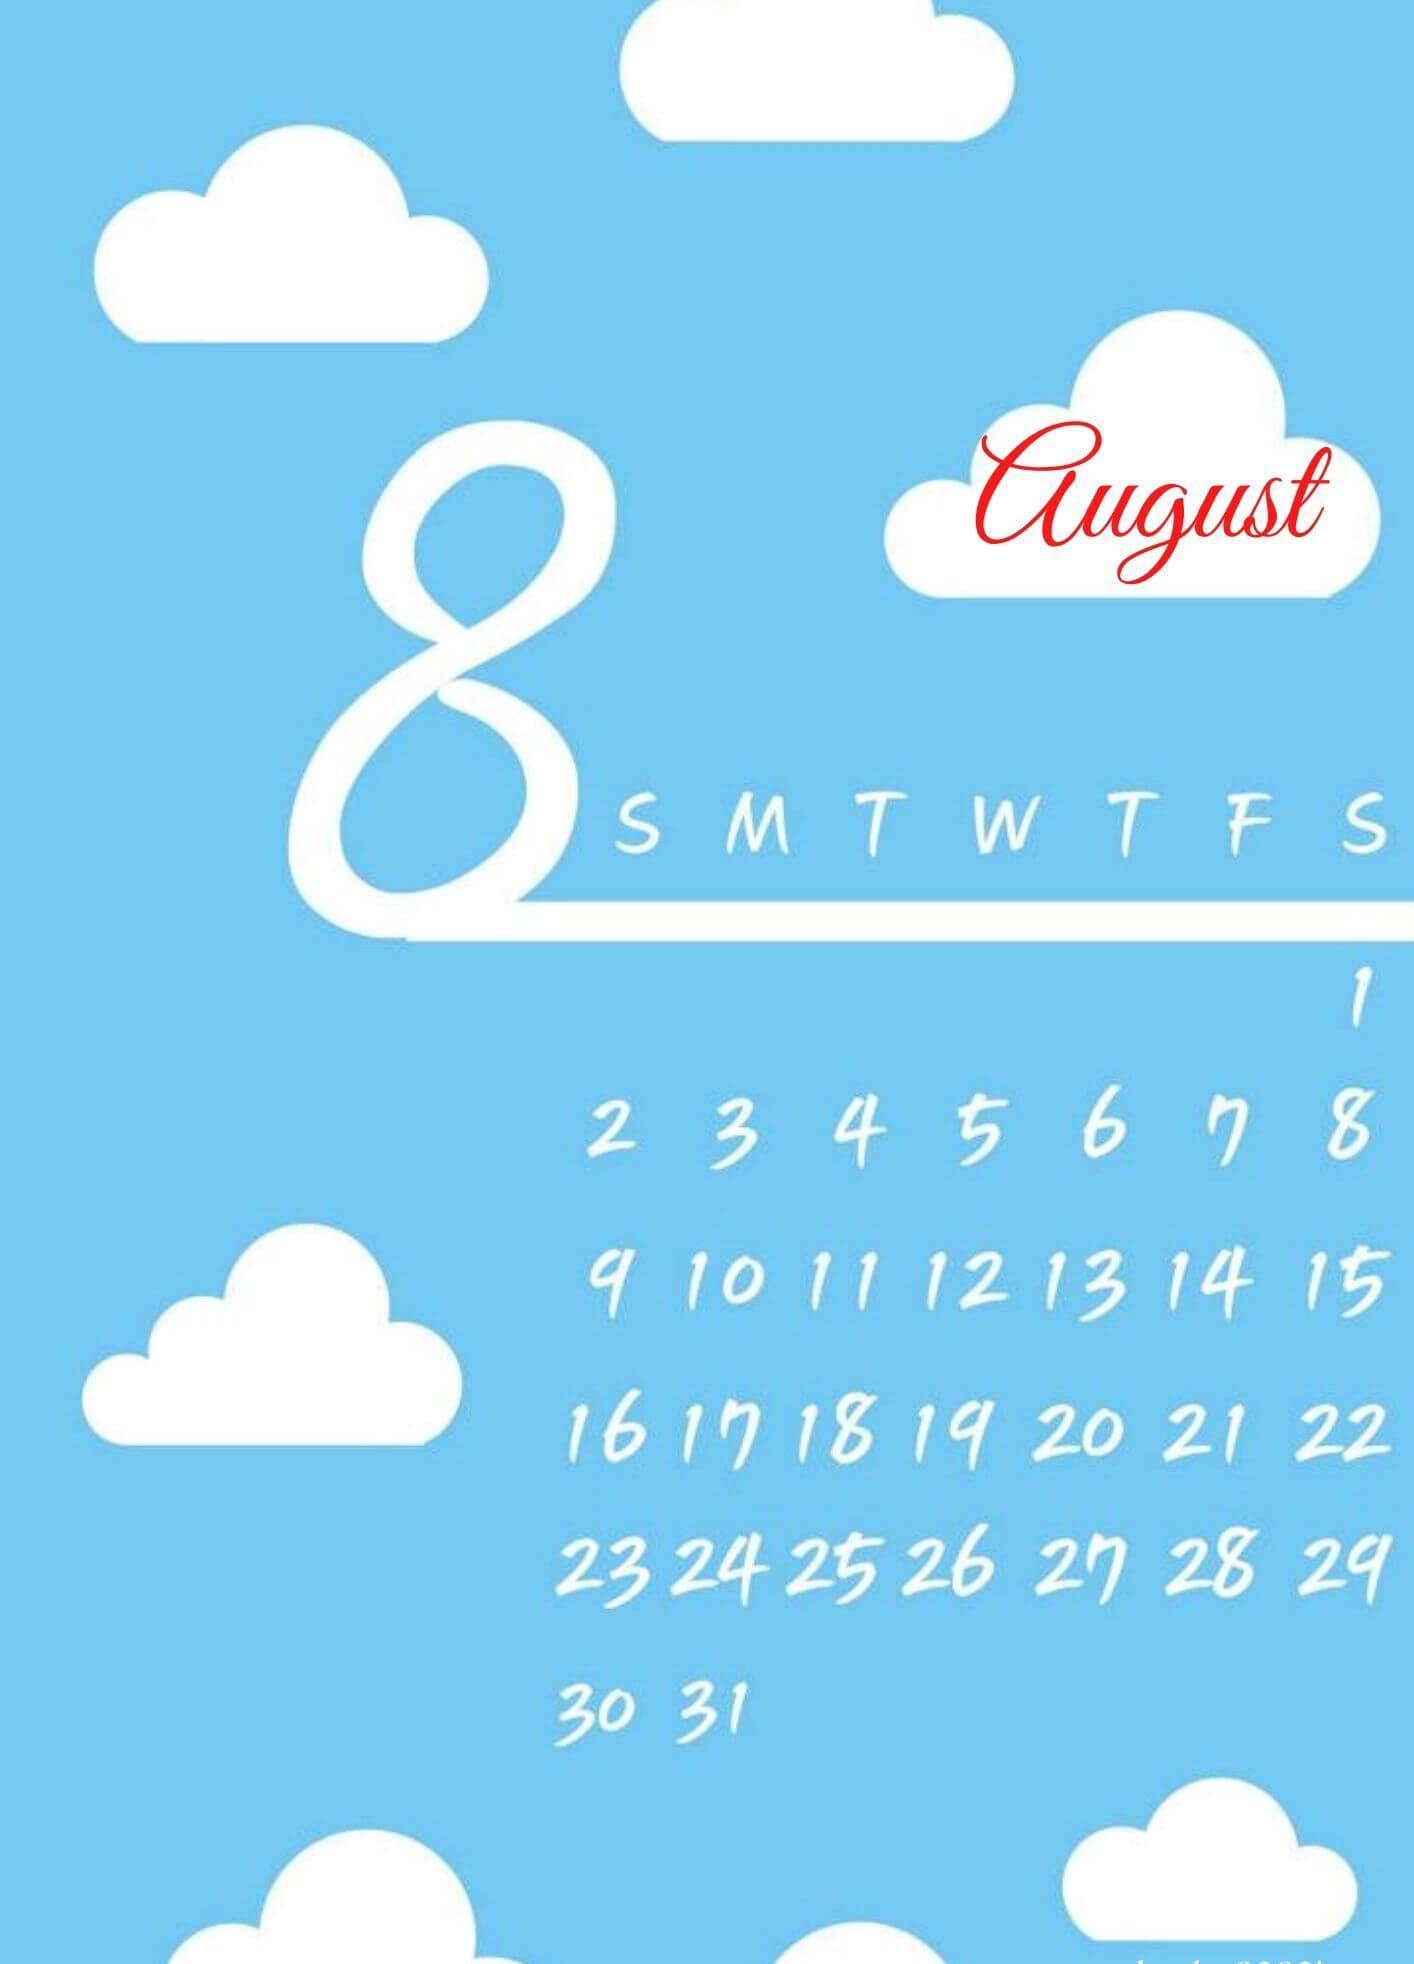 iPhone August 2020 Calendar Wallpaper